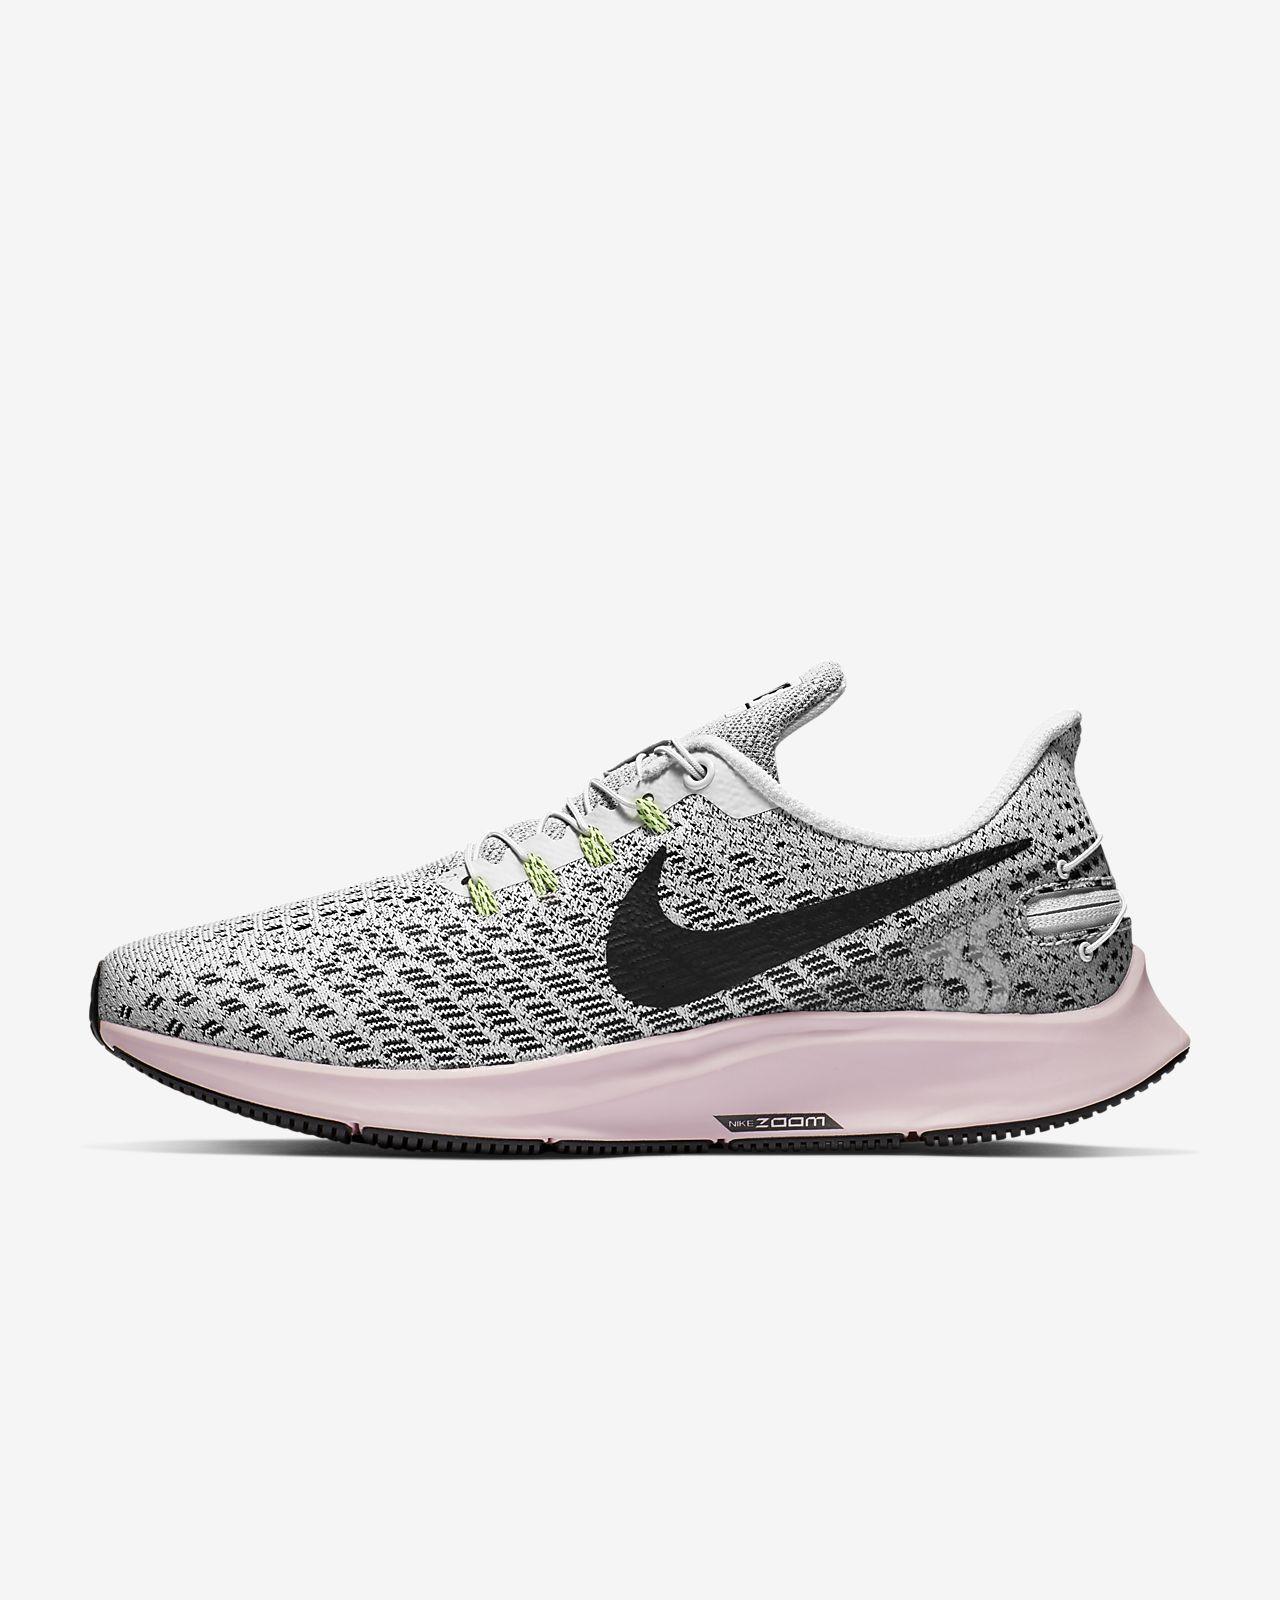 competitive price a10c2 579b4 ... Löparsko Nike Air Zoom Pegasus 35 FlyEase för kvinnor